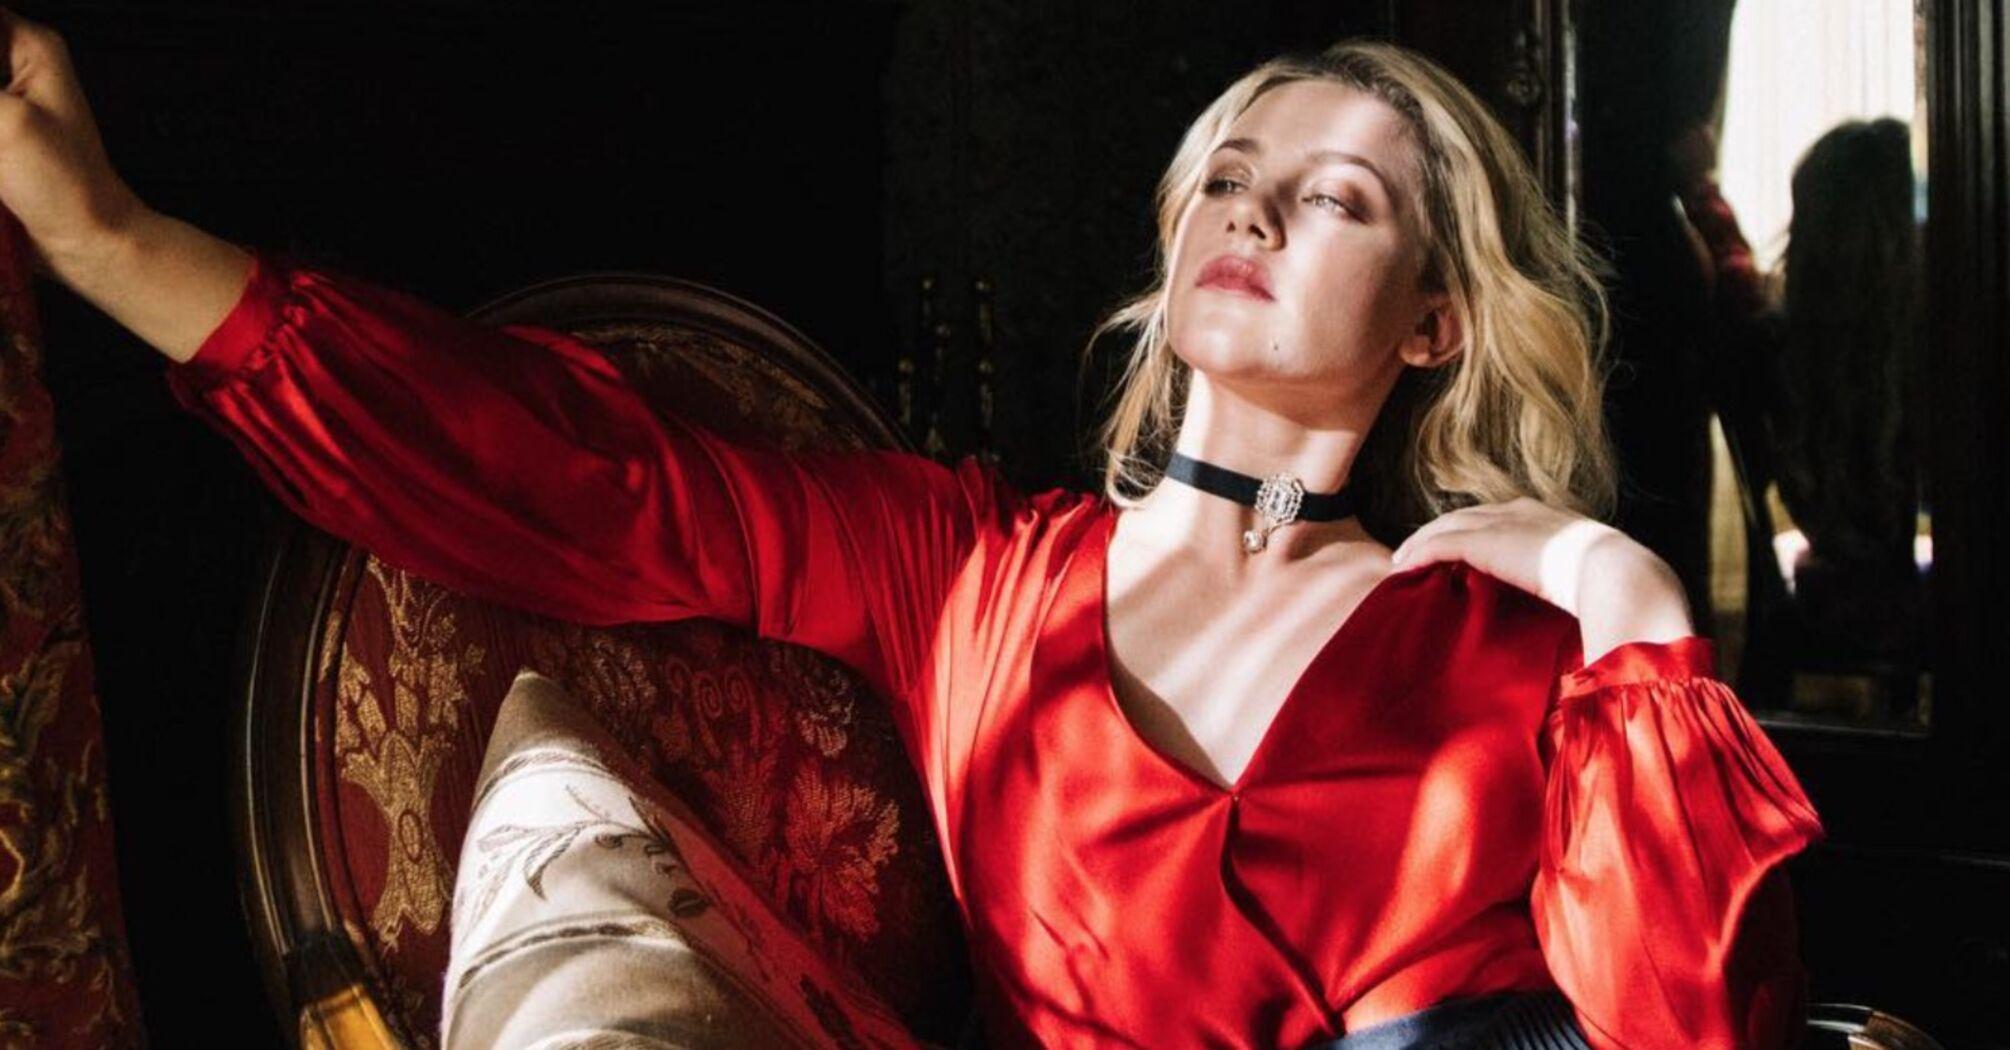 Американська актриса Лілі Рейнхарт зробила камінг-аут